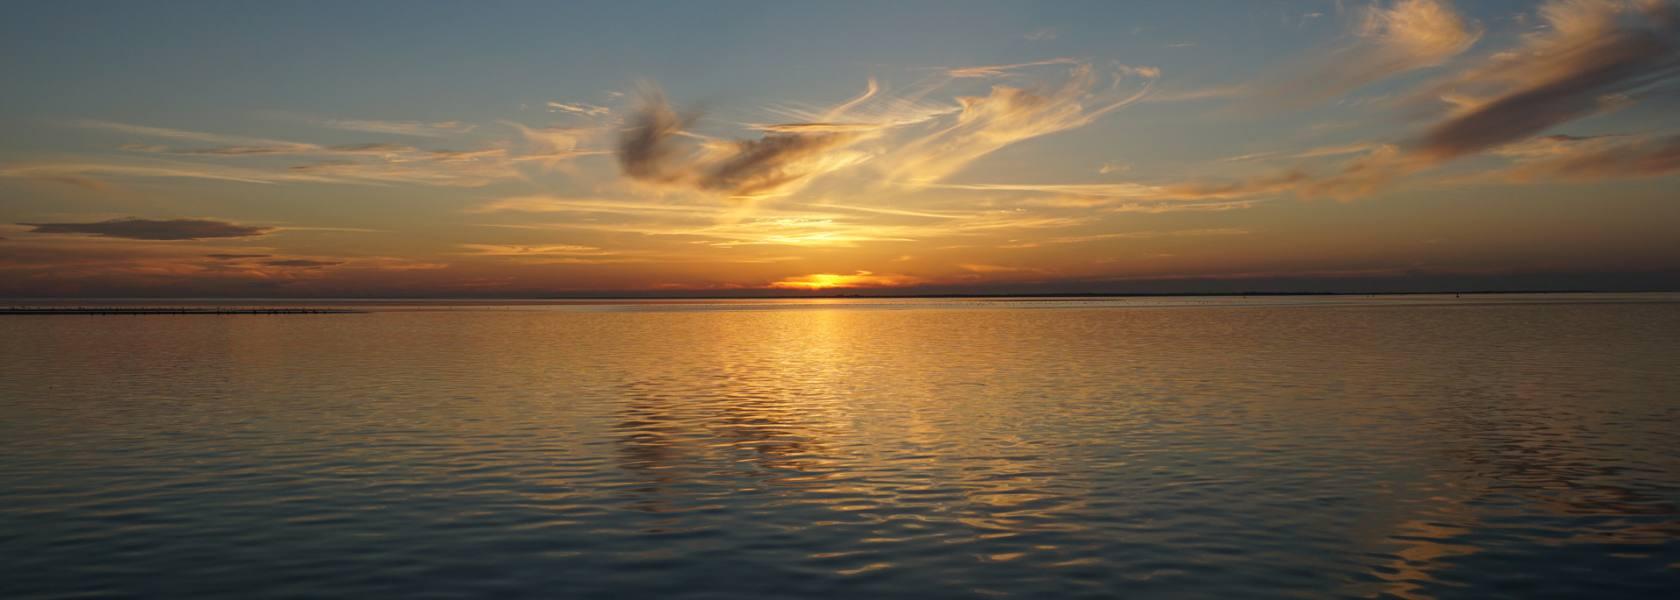 Abendstimmung an der Nordsee, © Die Nordsee GmbH, Katja Benke